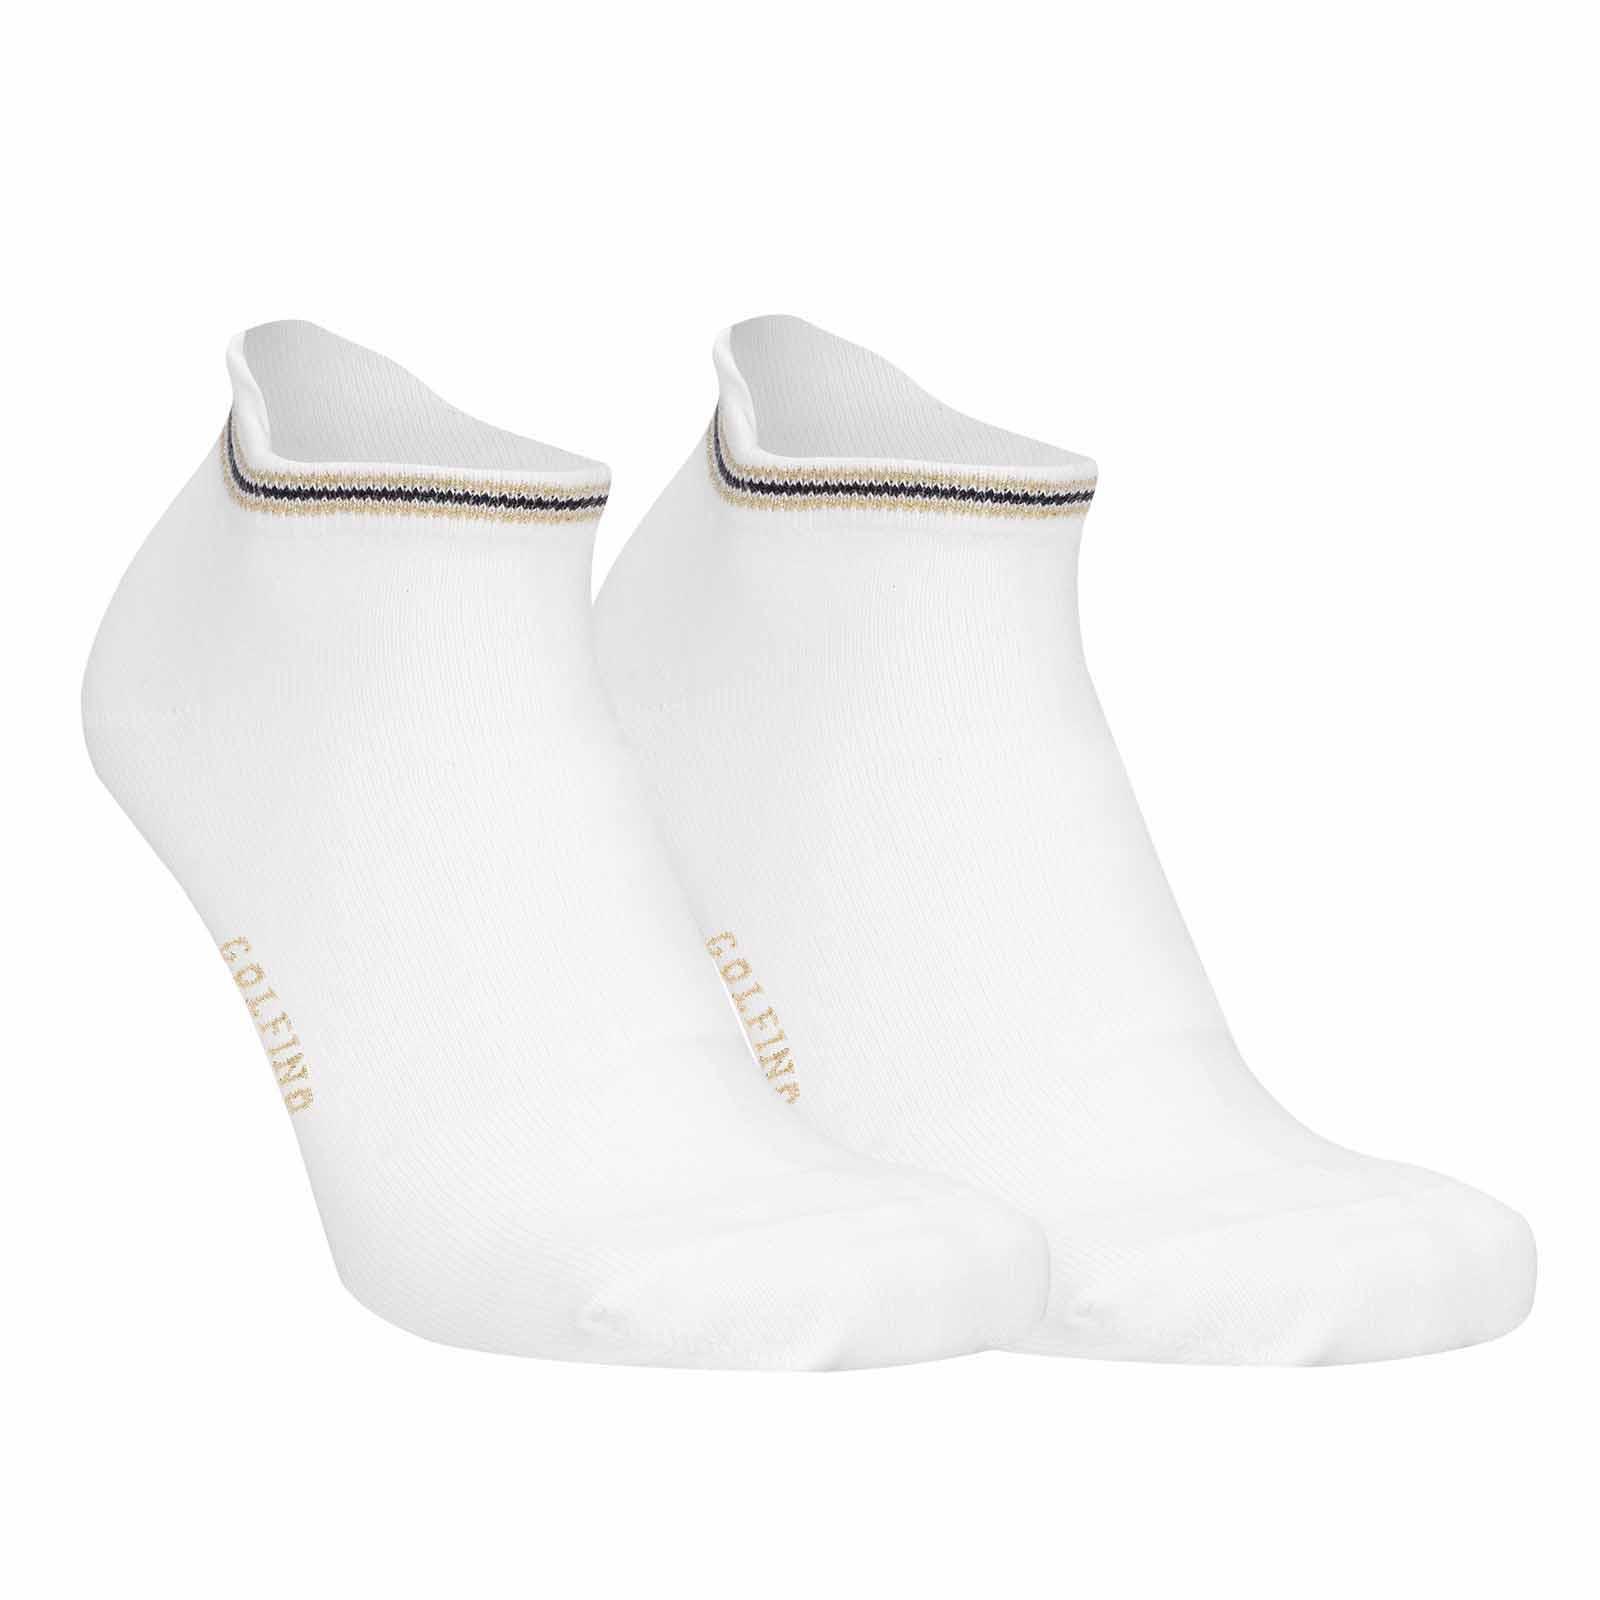 Calcetines de golf elásticos de mujer de una mezcla de algodón con elementos metálicos brillantes